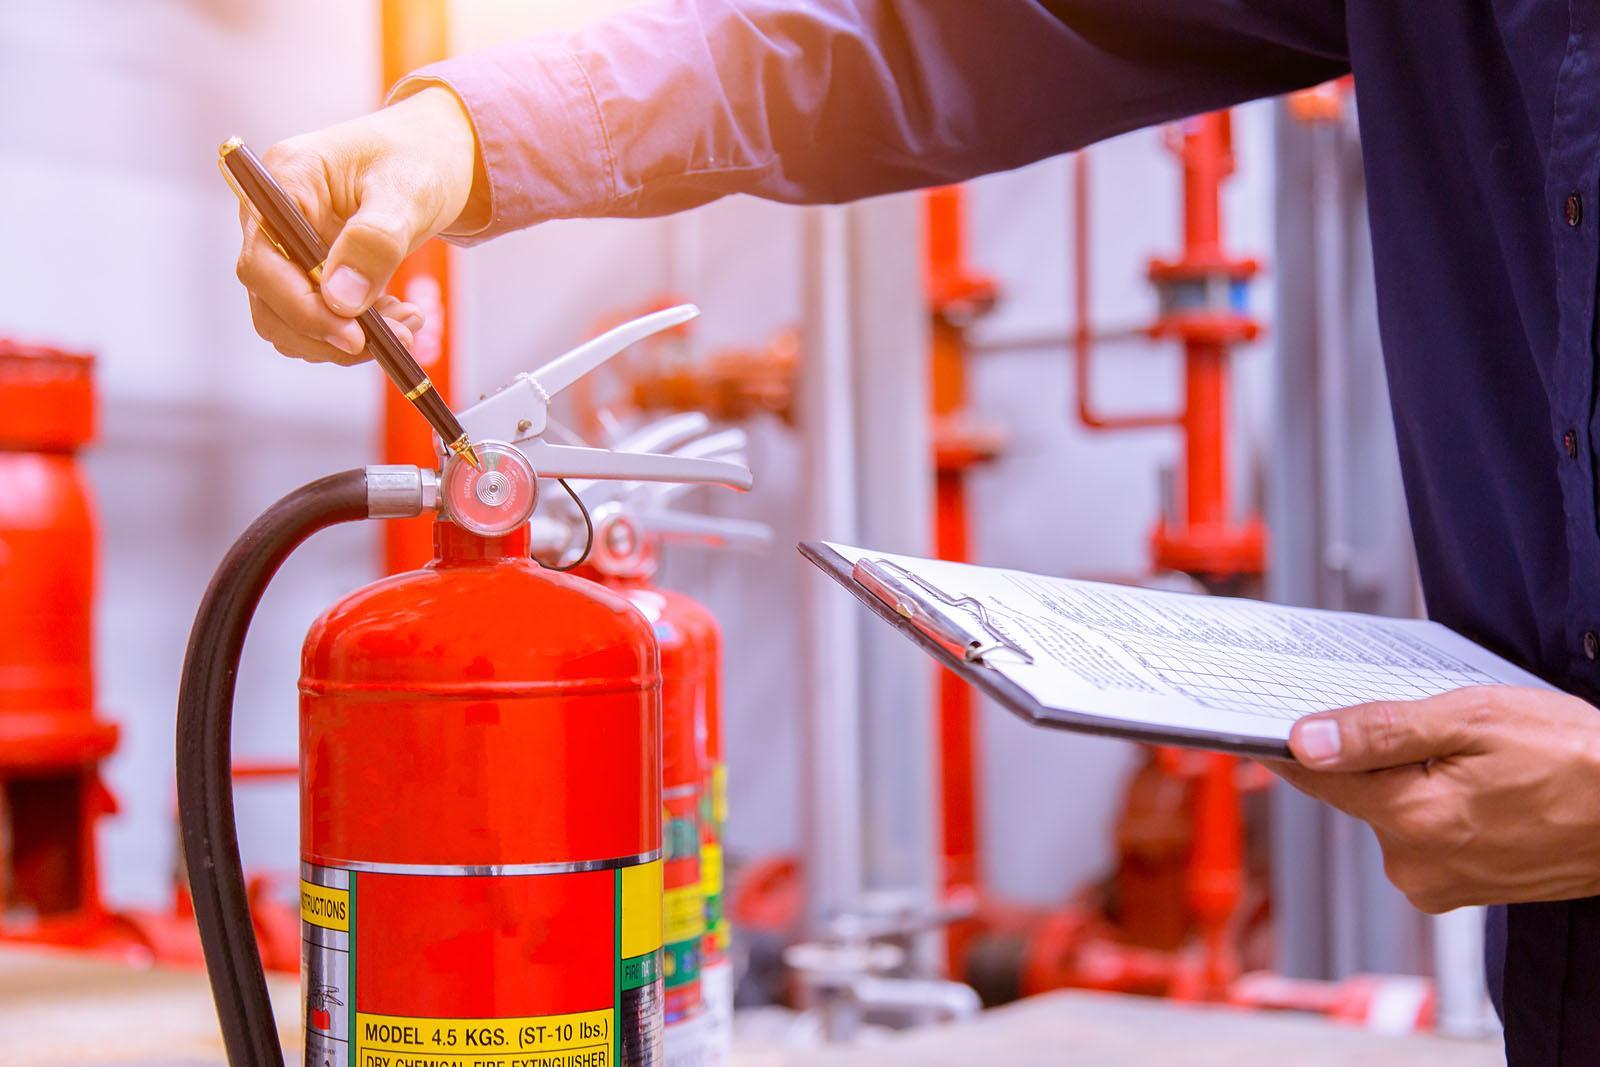 Основные изменения в законодательстве по пожарной безопасности: 2021 год.